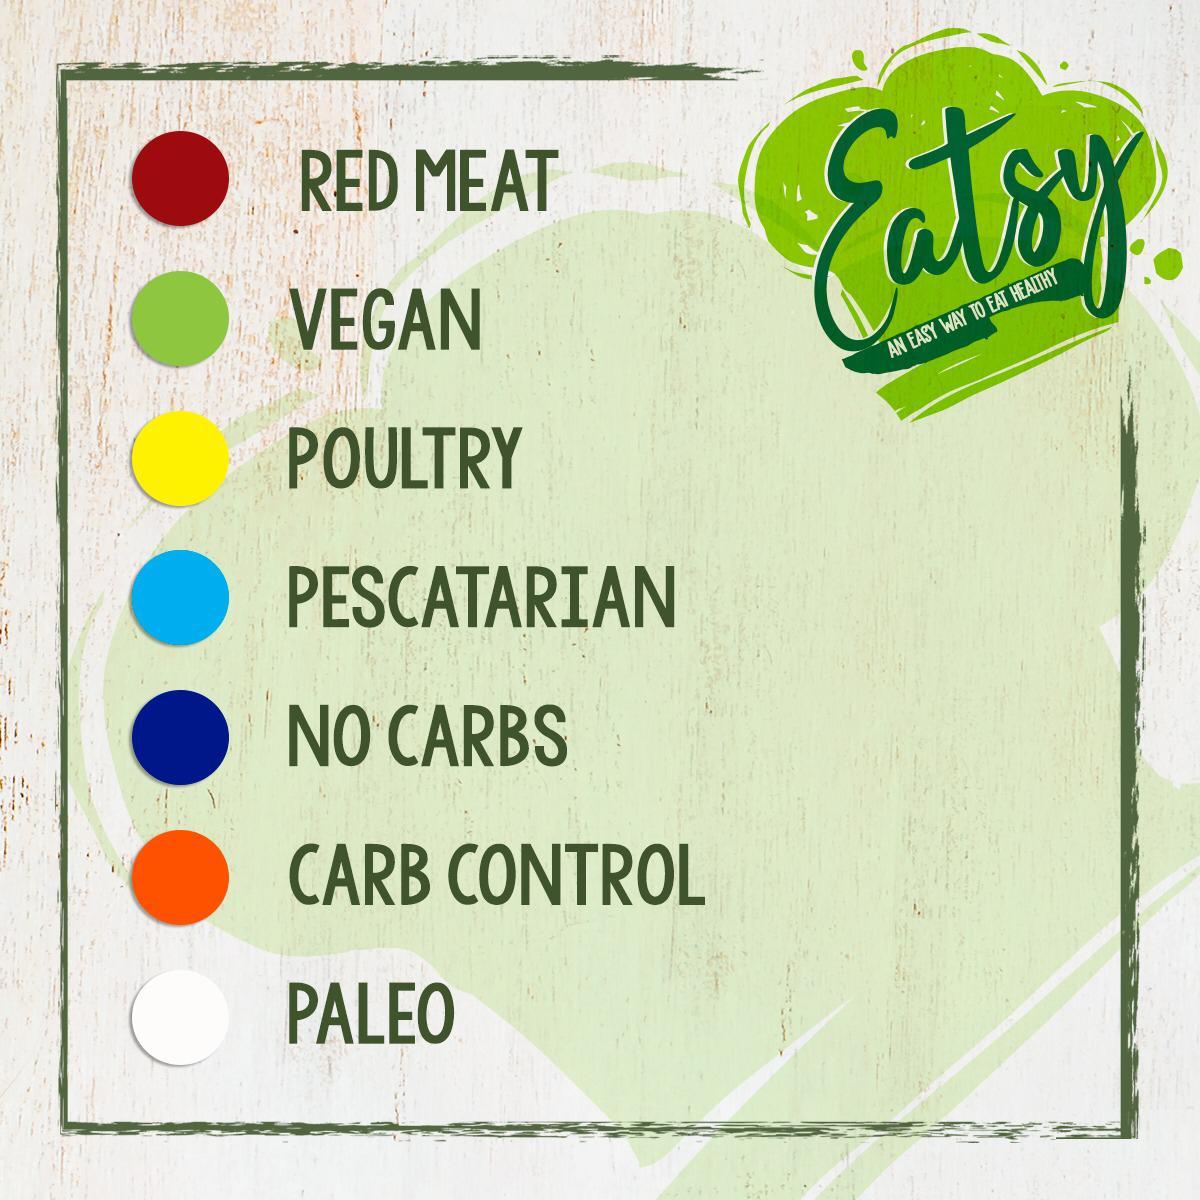 Eatsy Miami meal types